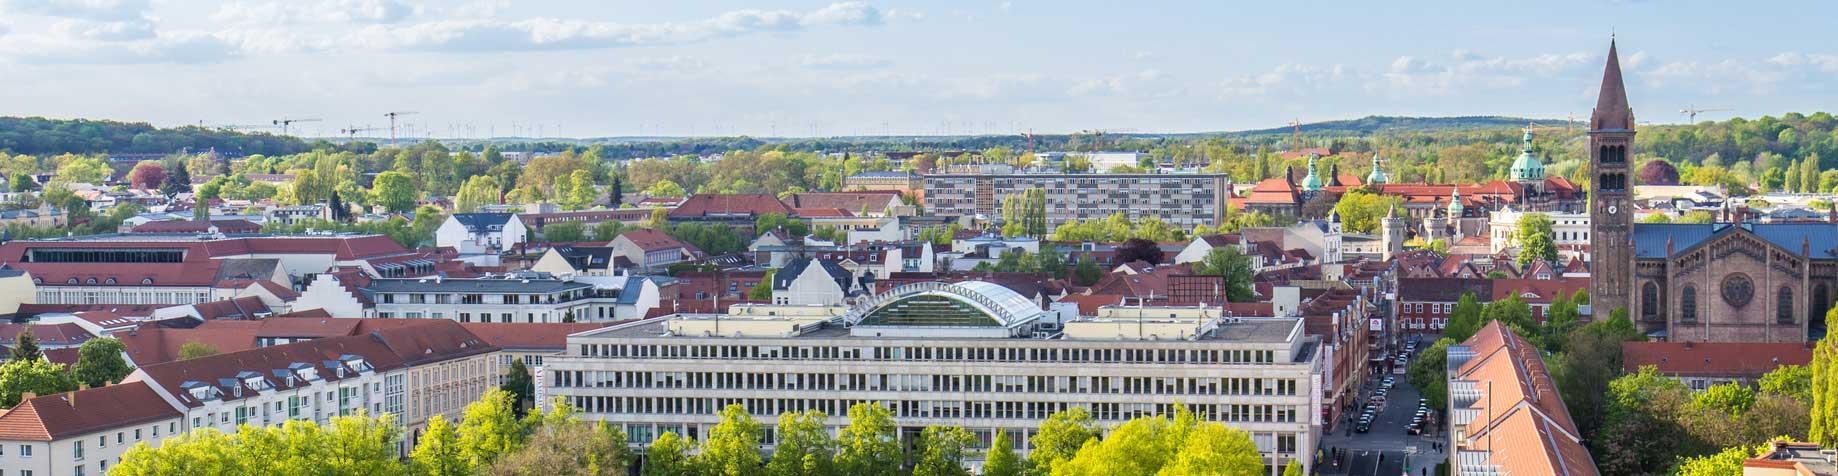 Panoramabild Stadt | Hausverwaltung wert + eigentum GmbH